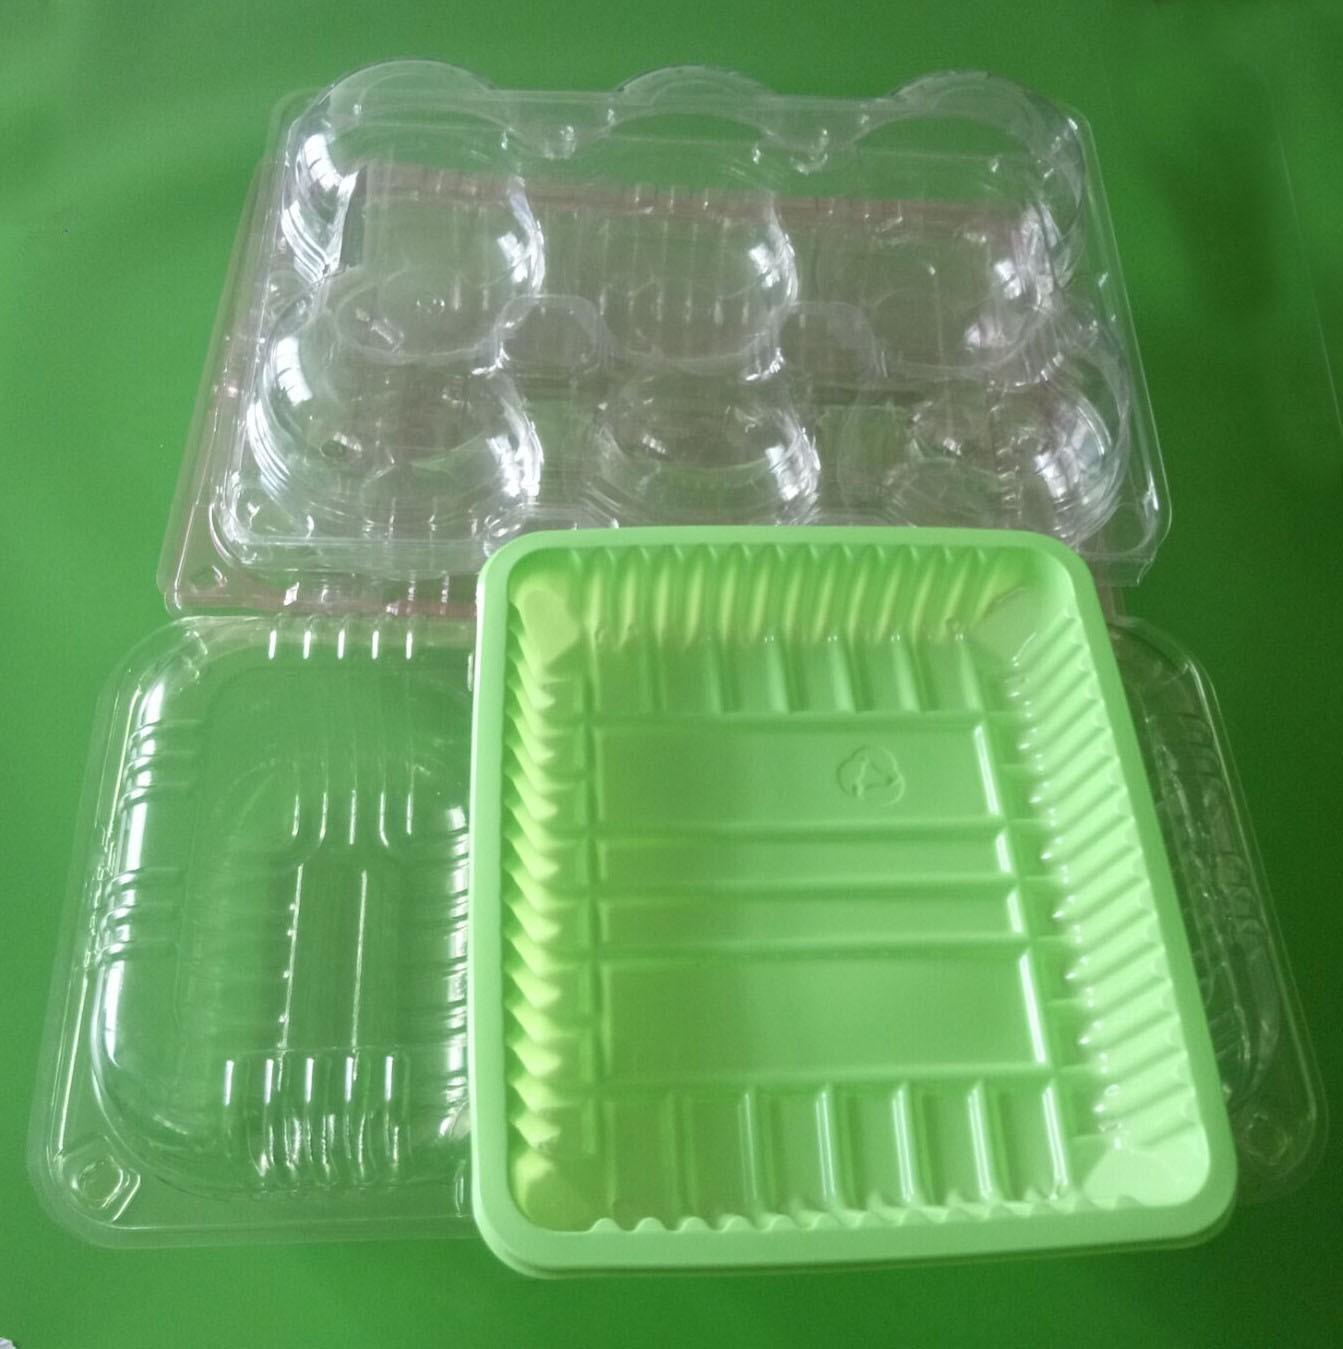 Fruit Blister Packaging